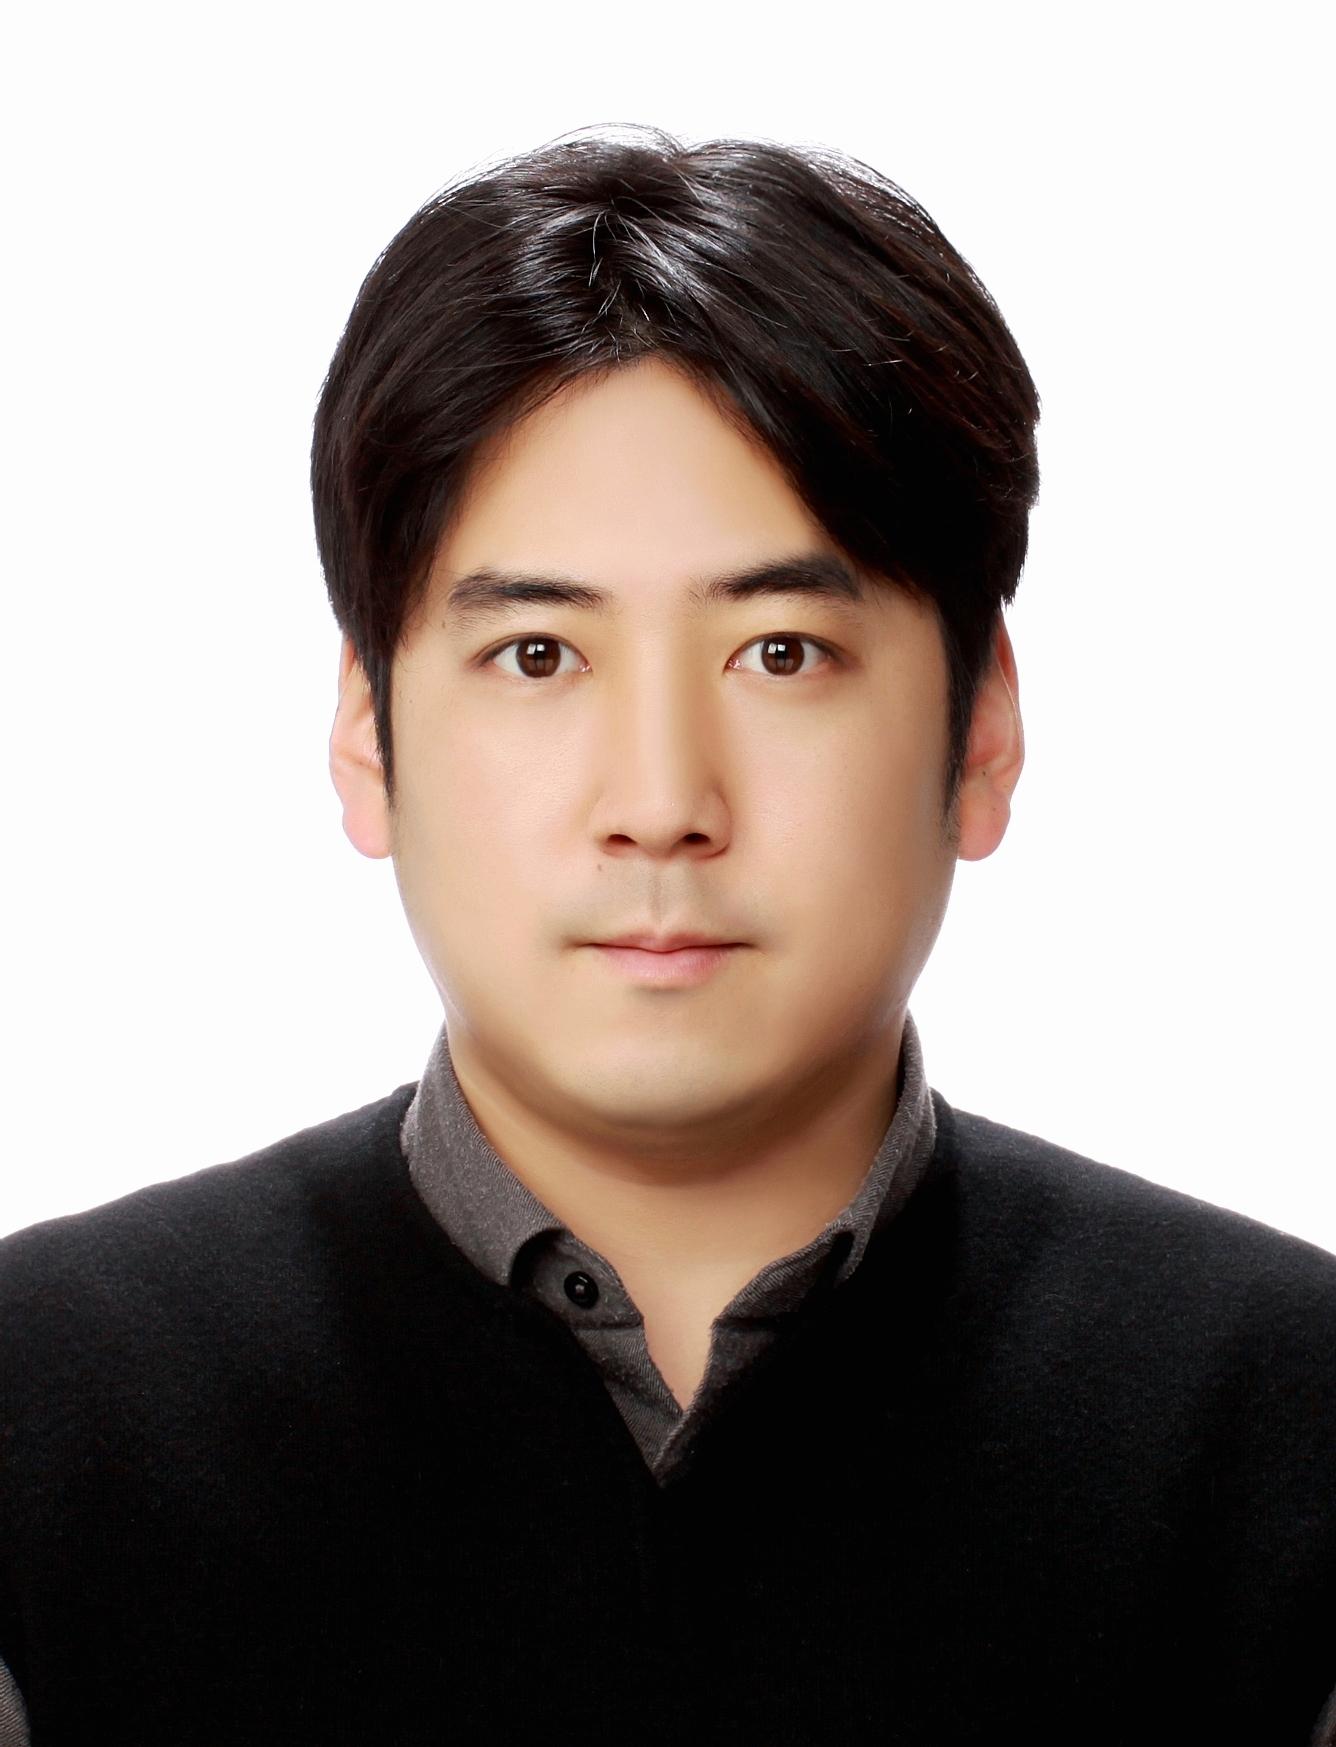 KBS 권준용 증명사진.jpg